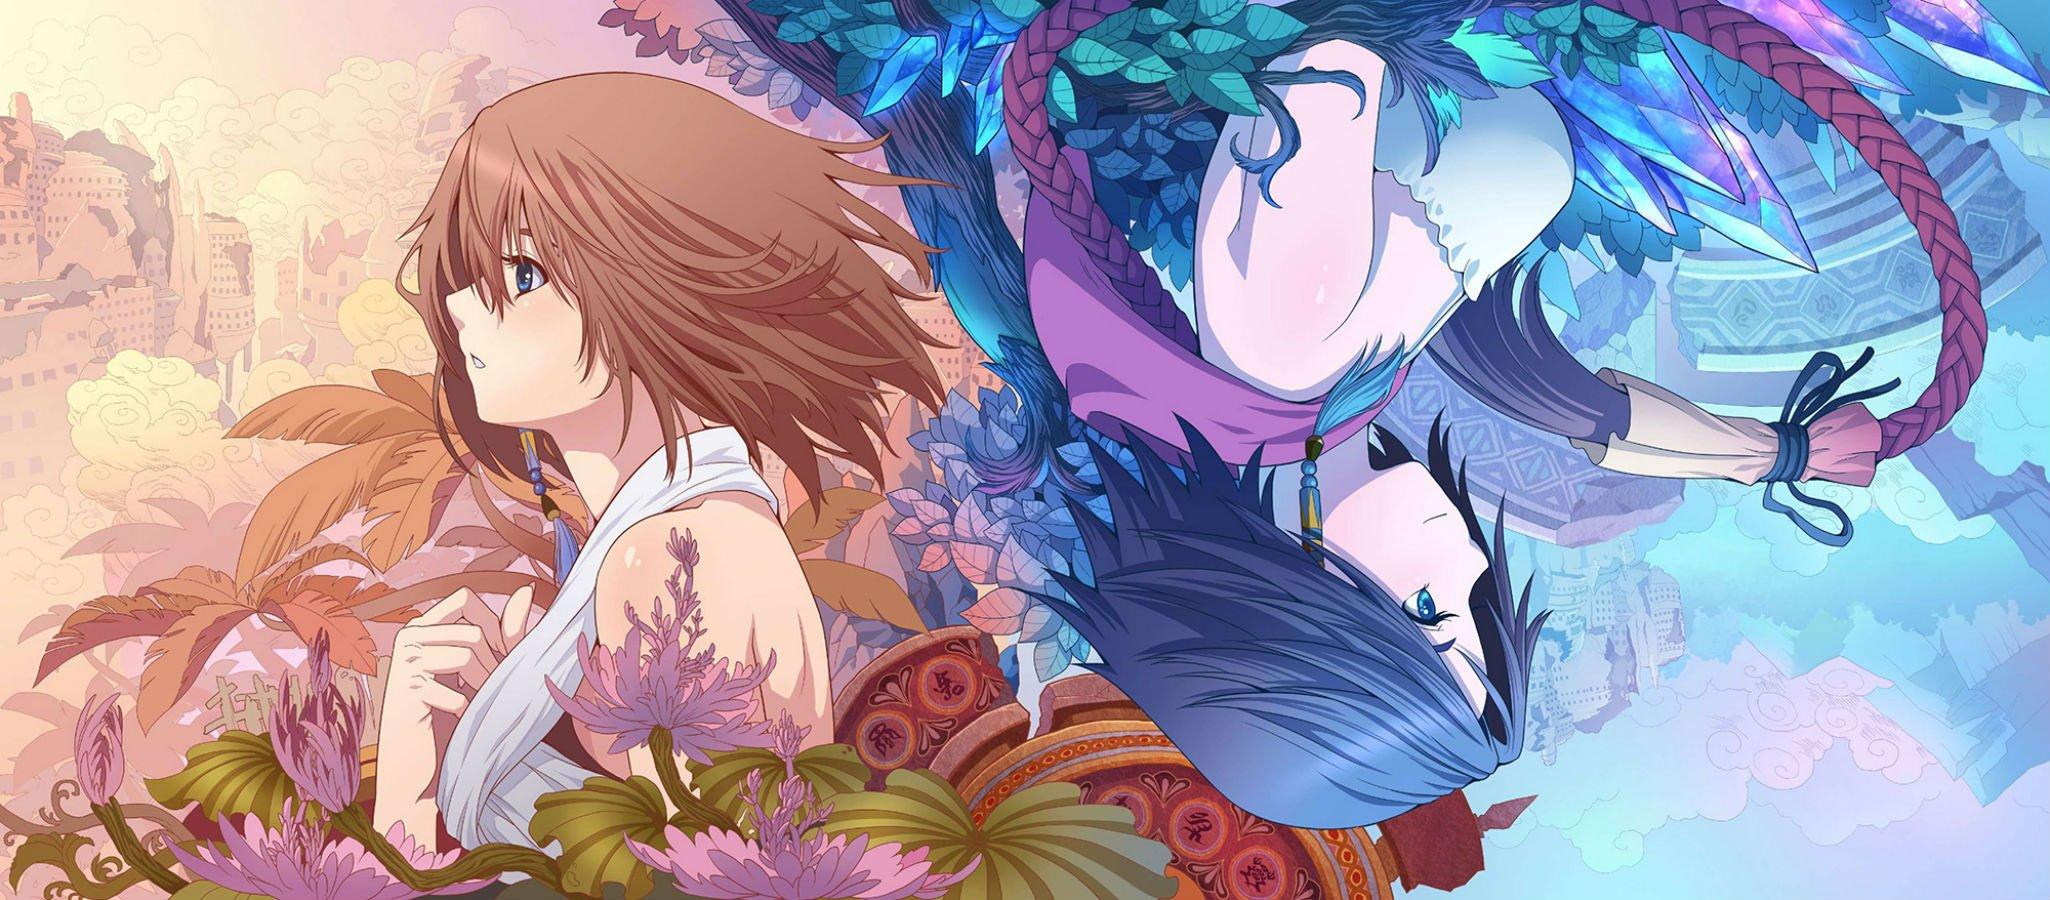 Yuna final fantasy wallpaper wallpapersafari - Final fantasy yuna wallpaper ...